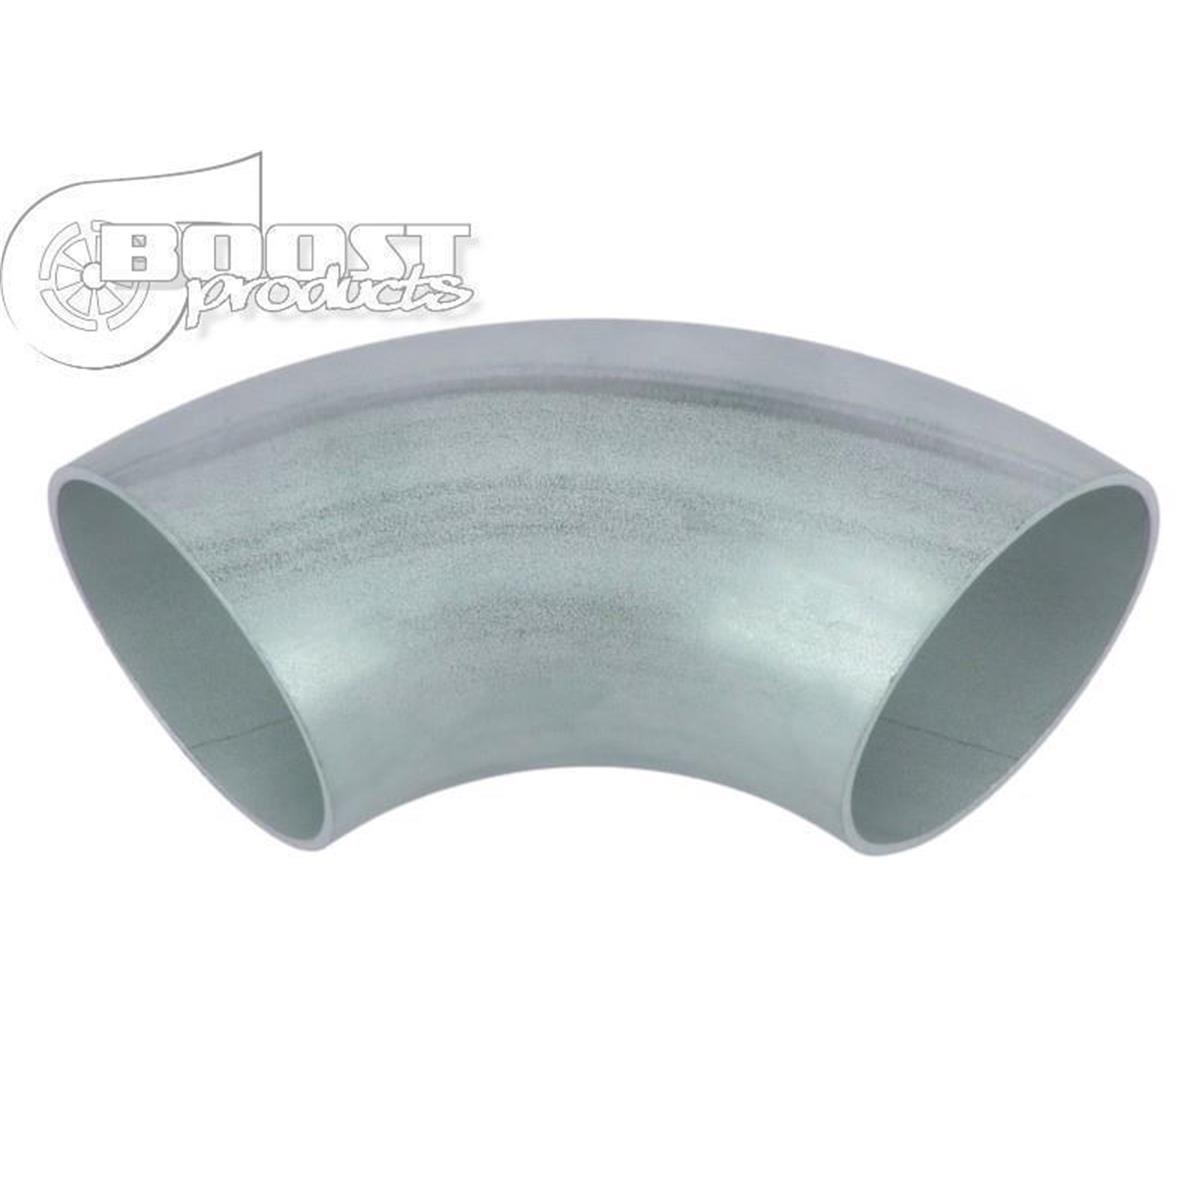 Edelstahl Auspuffbogen 90° 63,5mm x 1,5mm für Hosenrohre